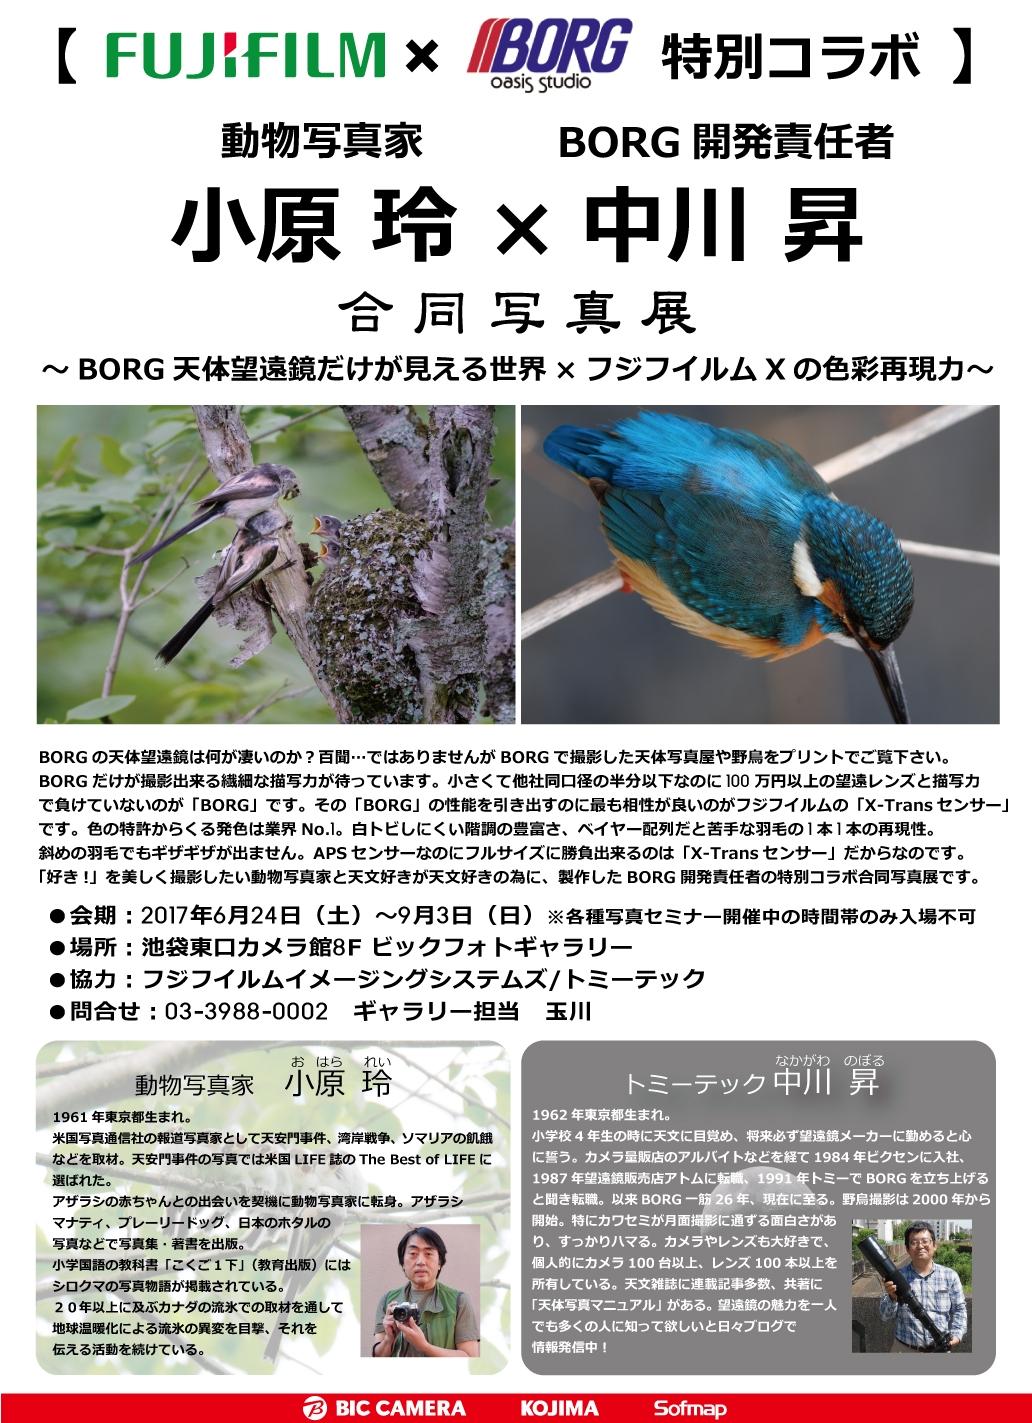 https://www.tomytec.co.jp/borg/world/blog/81833ec7954d0c721db162d4ce2336e333c6424e.jpg